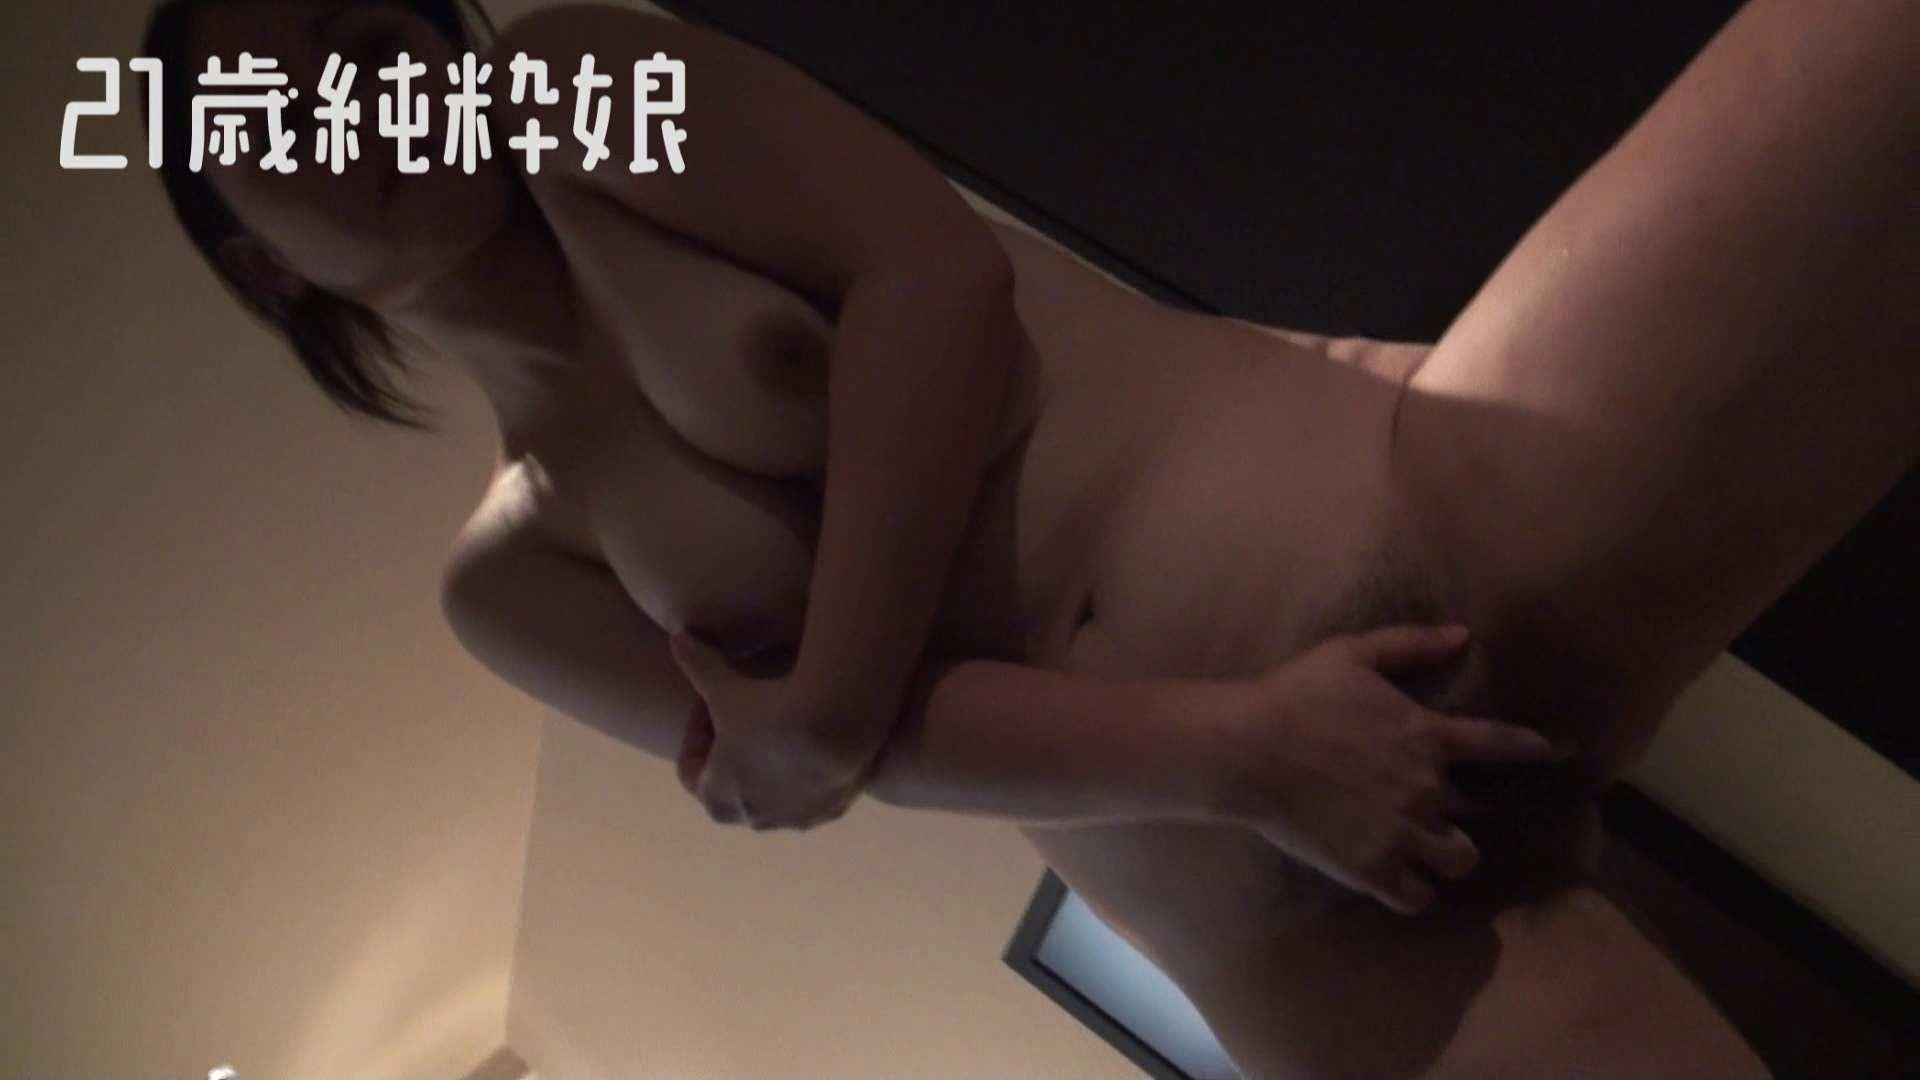 上京したばかりのGカップ21歳純粋嬢を都合の良い女にしてみた2 中出し   全裸  50pic 11